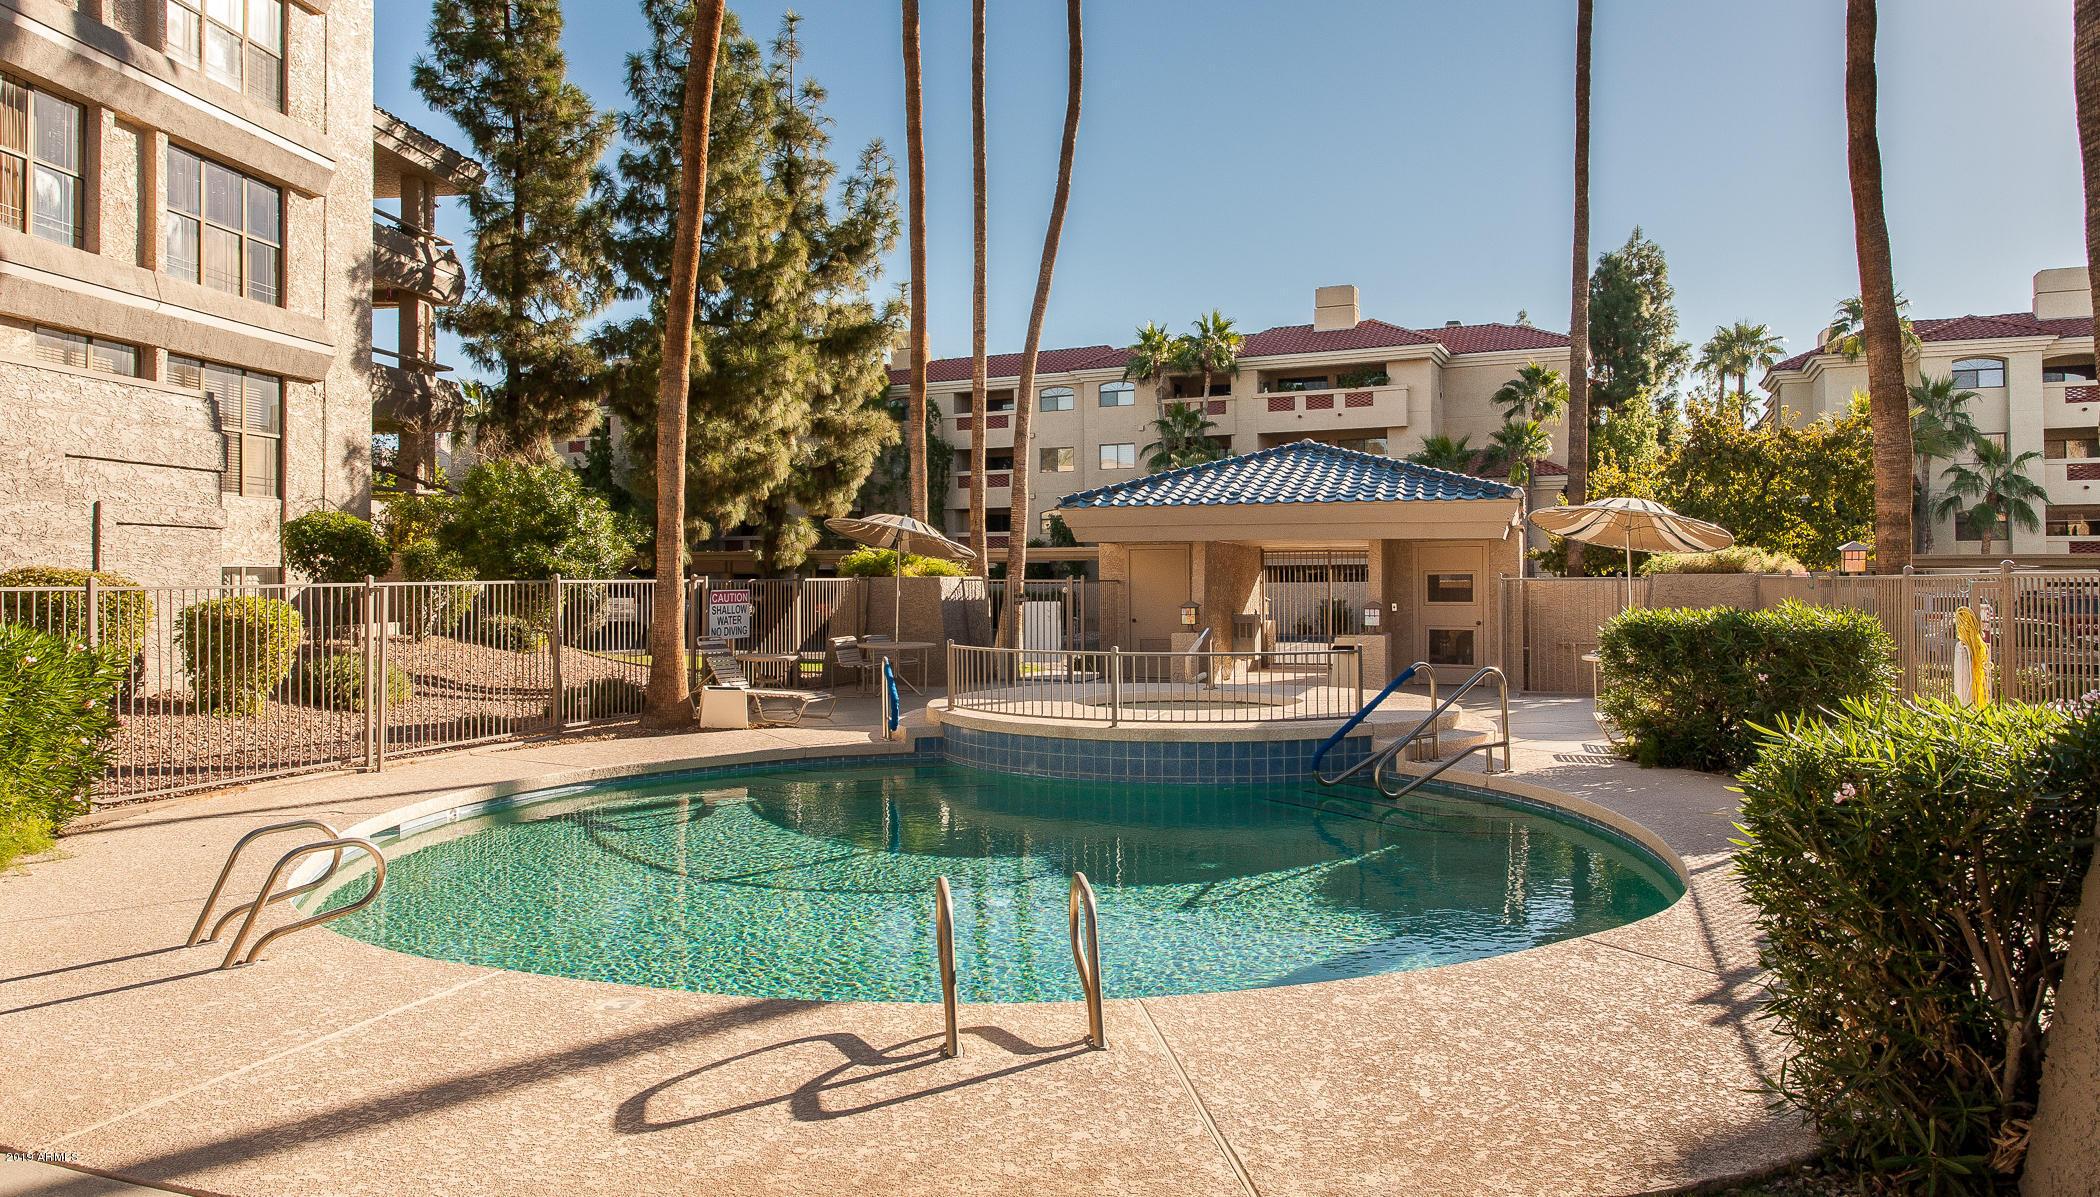 MLS 5936754 5136 N 31ST Place Unit 635 Building 6, Phoenix, AZ 85016 Waterfront Homes in Phoenix